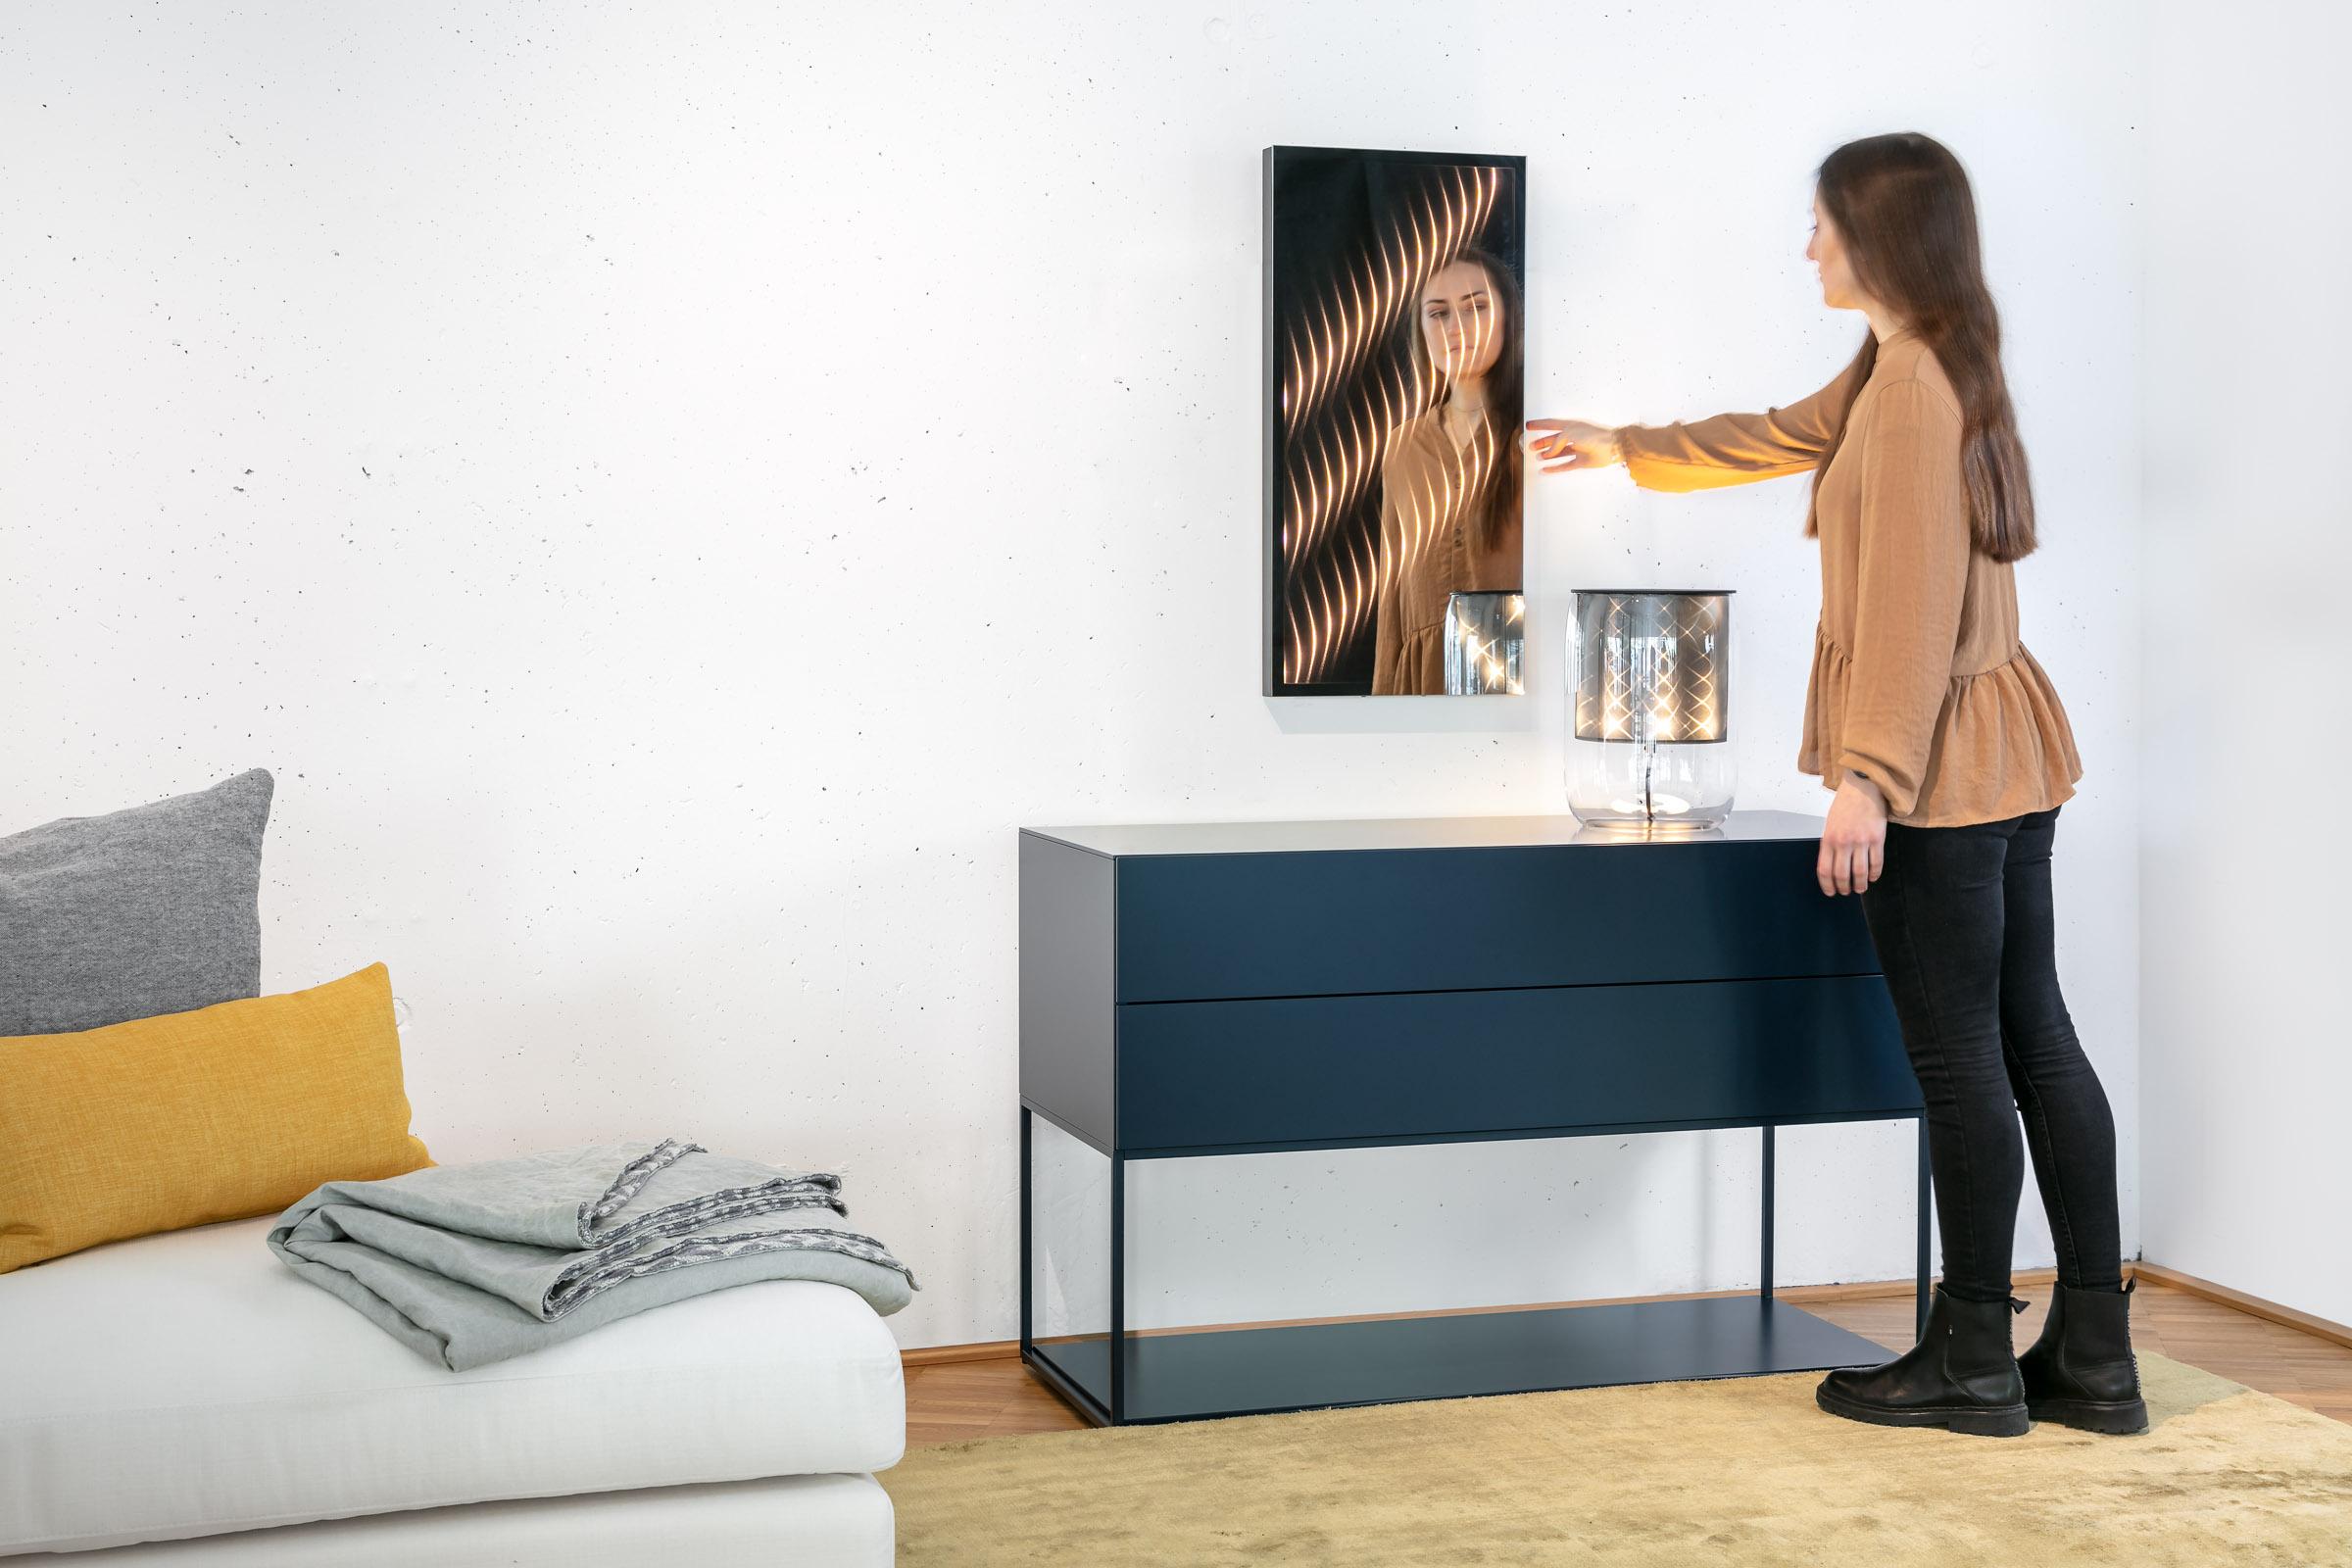 Ambiloom® Mirror 800 ein Wandspiegel mit ambientem Licht über einer Kommode in modernem Wohnzimmer.